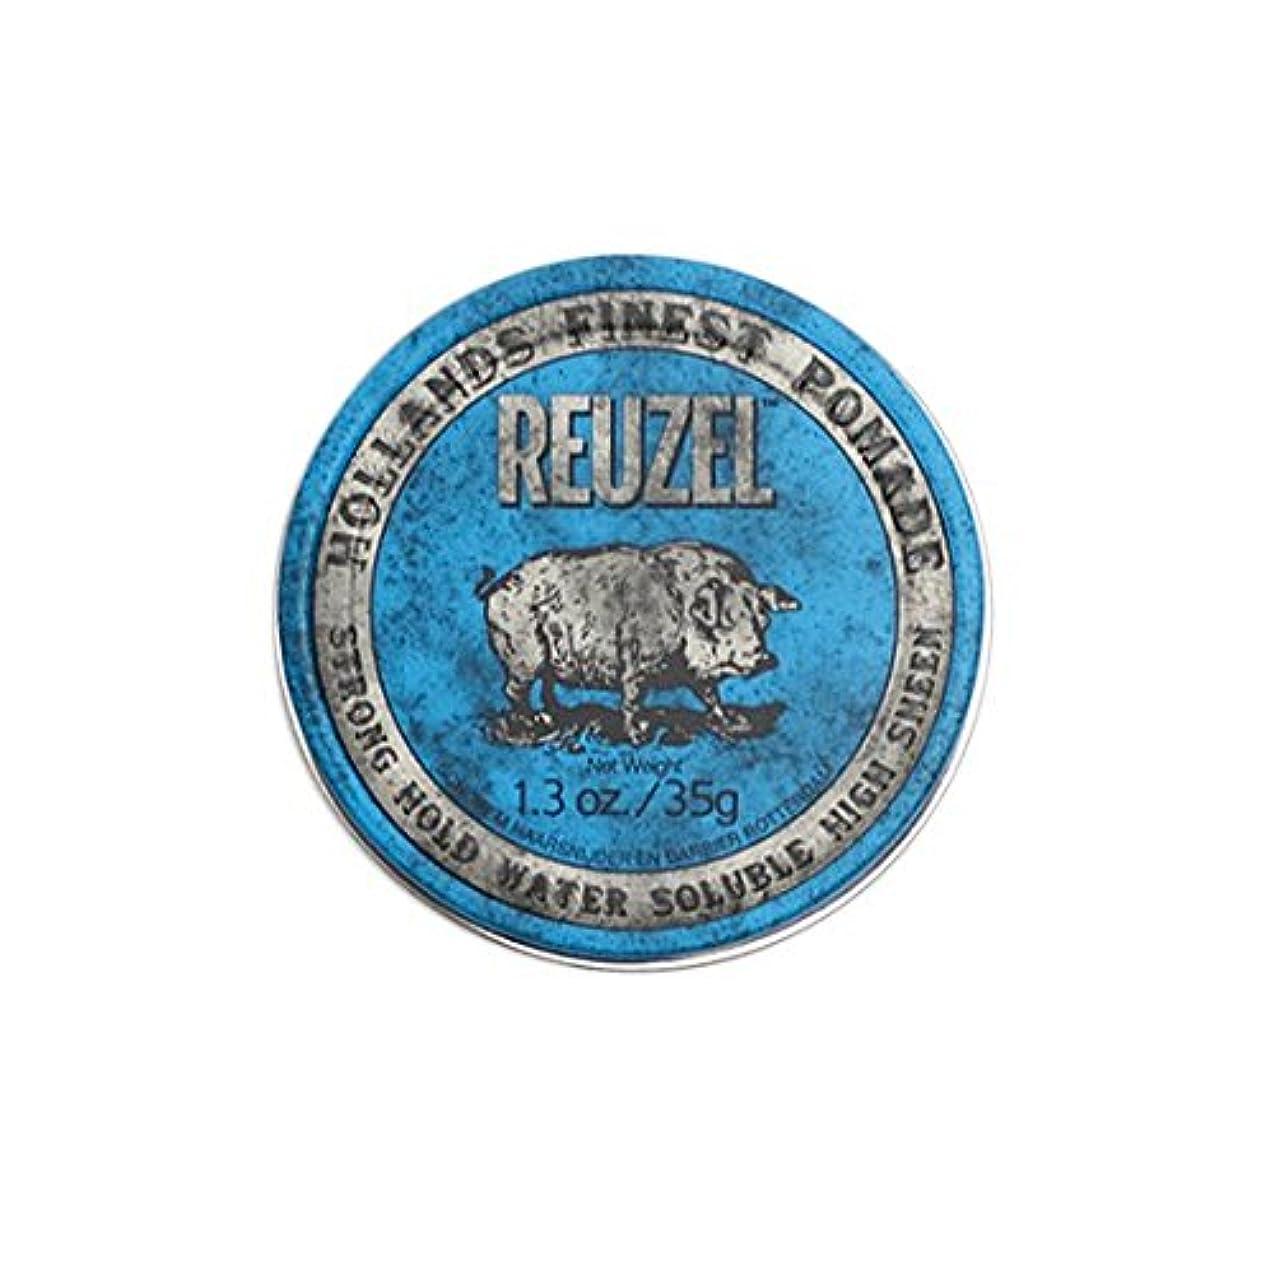 炎上才能のある衝動ルーゾー REUZEL STRONG HOLD HIGH SHEEN ストロングホールド ブルー 35g